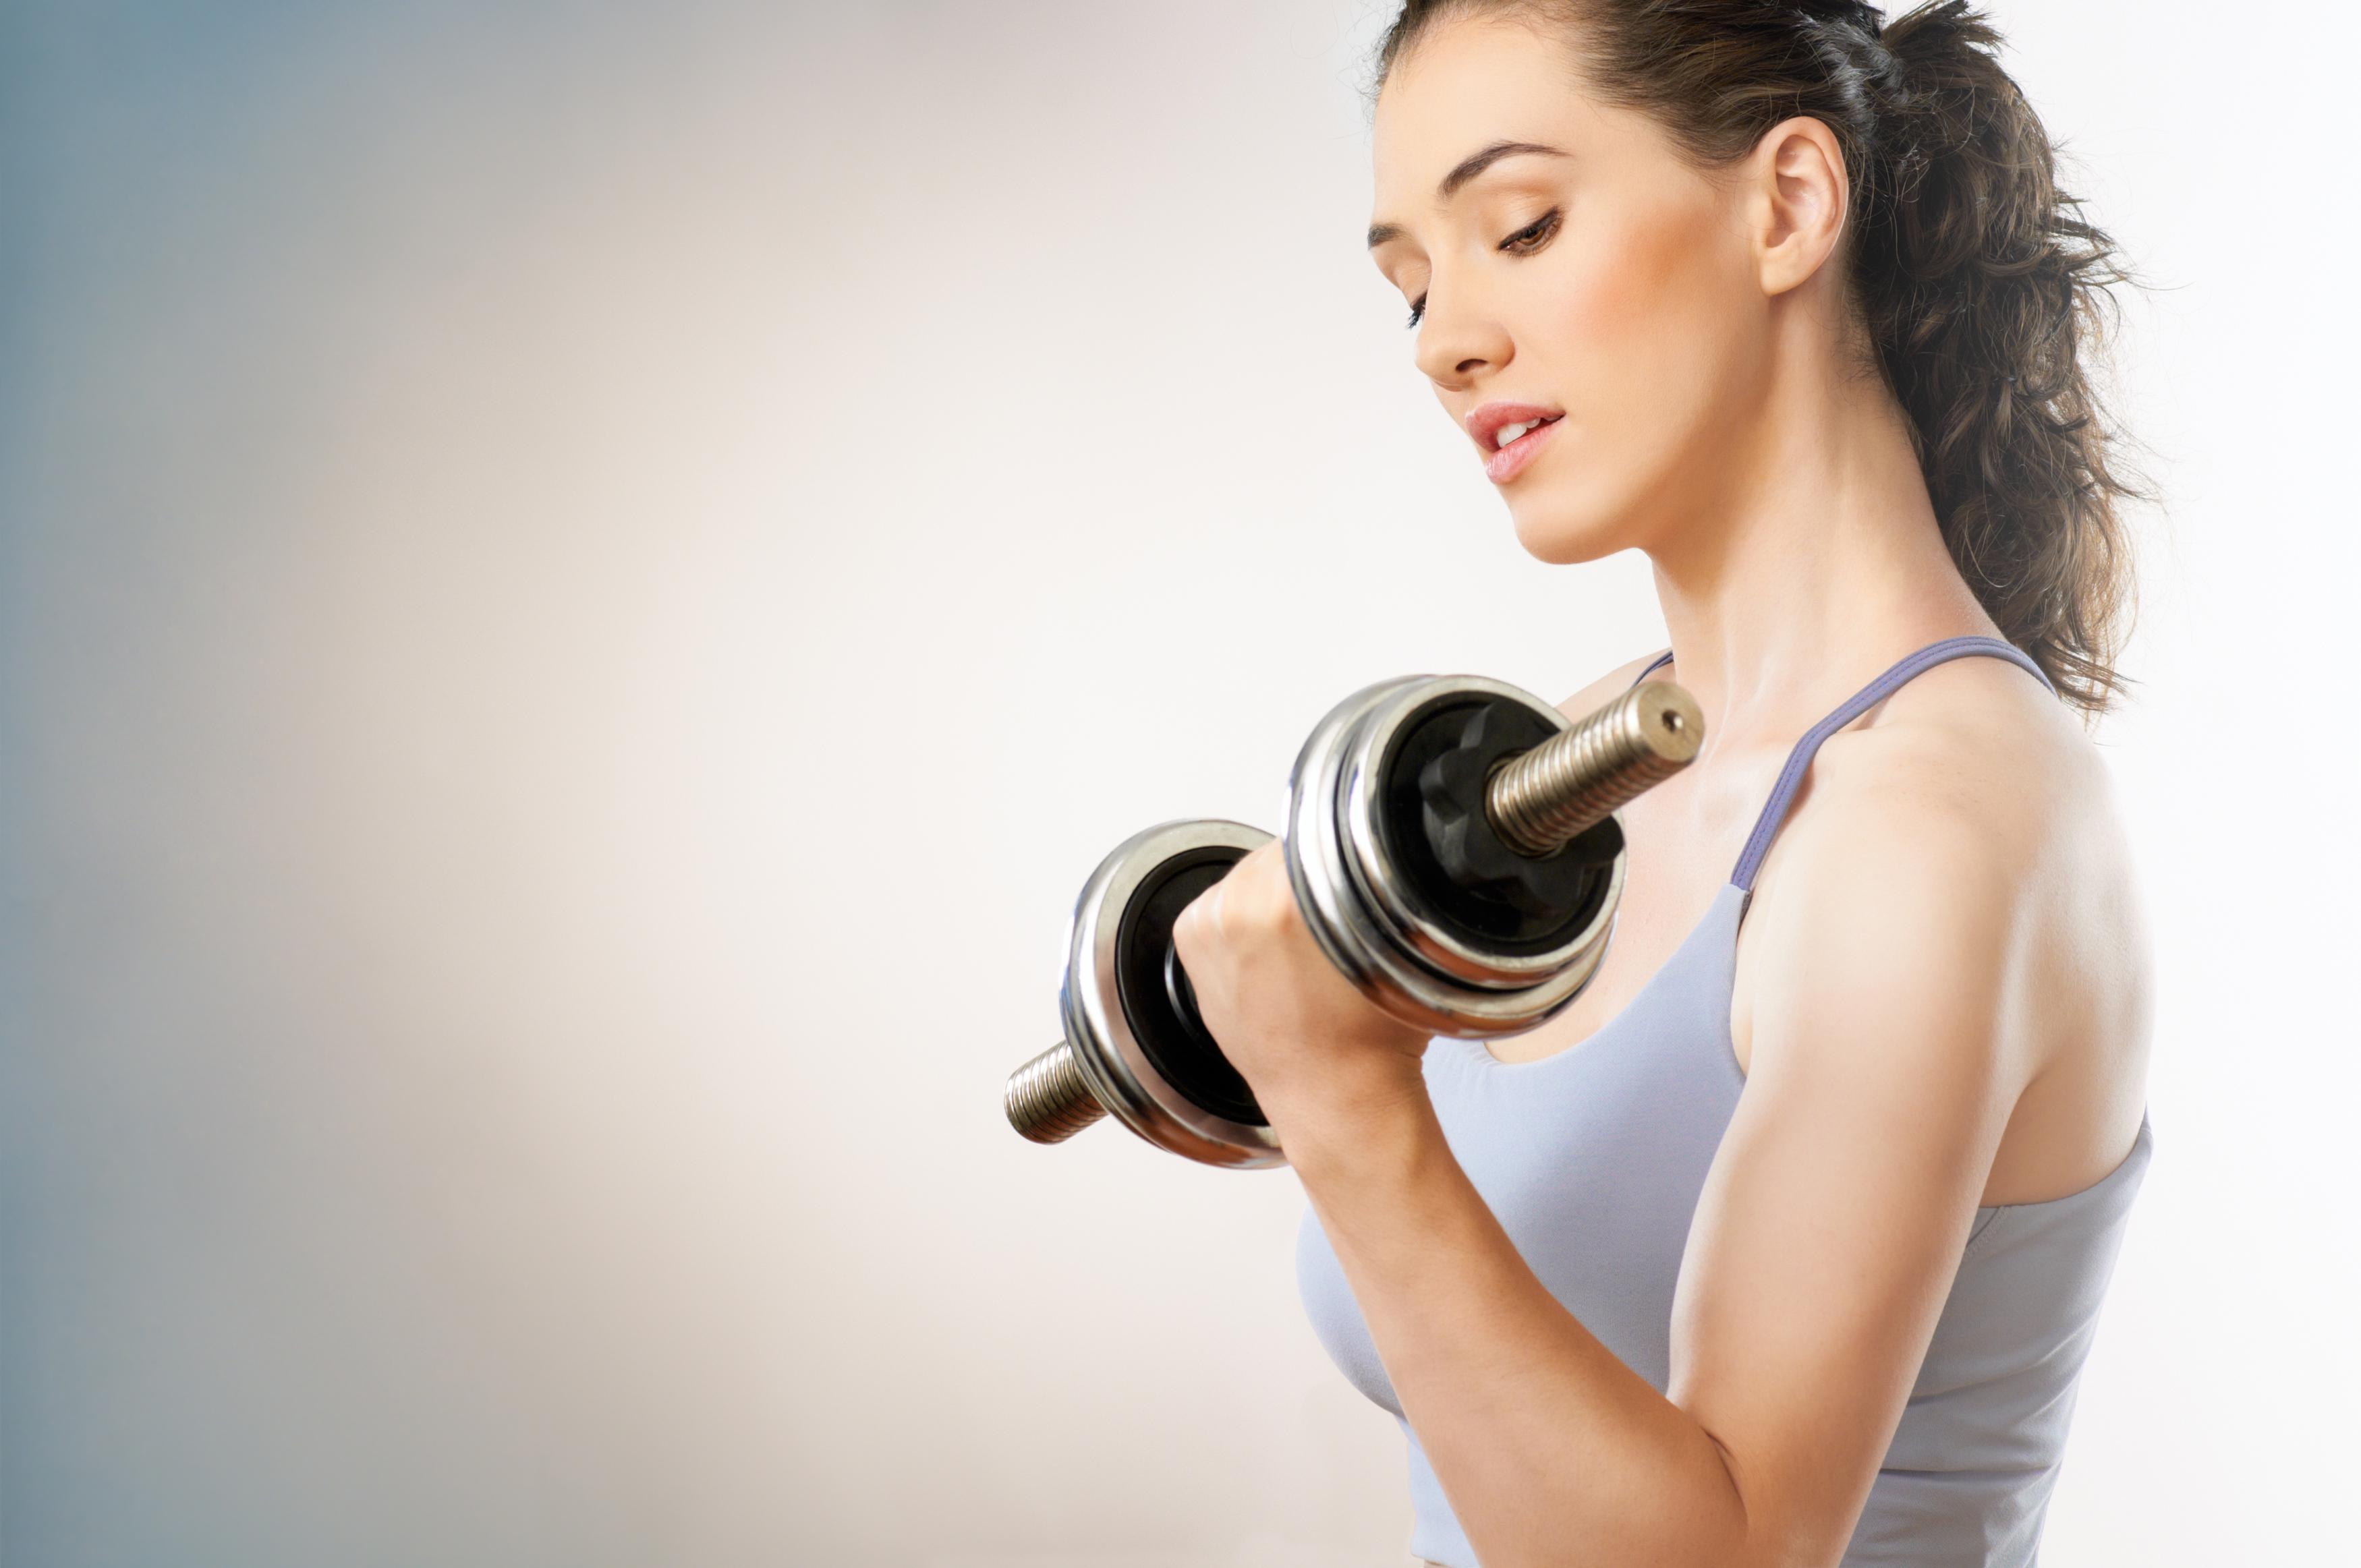 Каким спортом нужно заниматься чтобы быстро похудеть